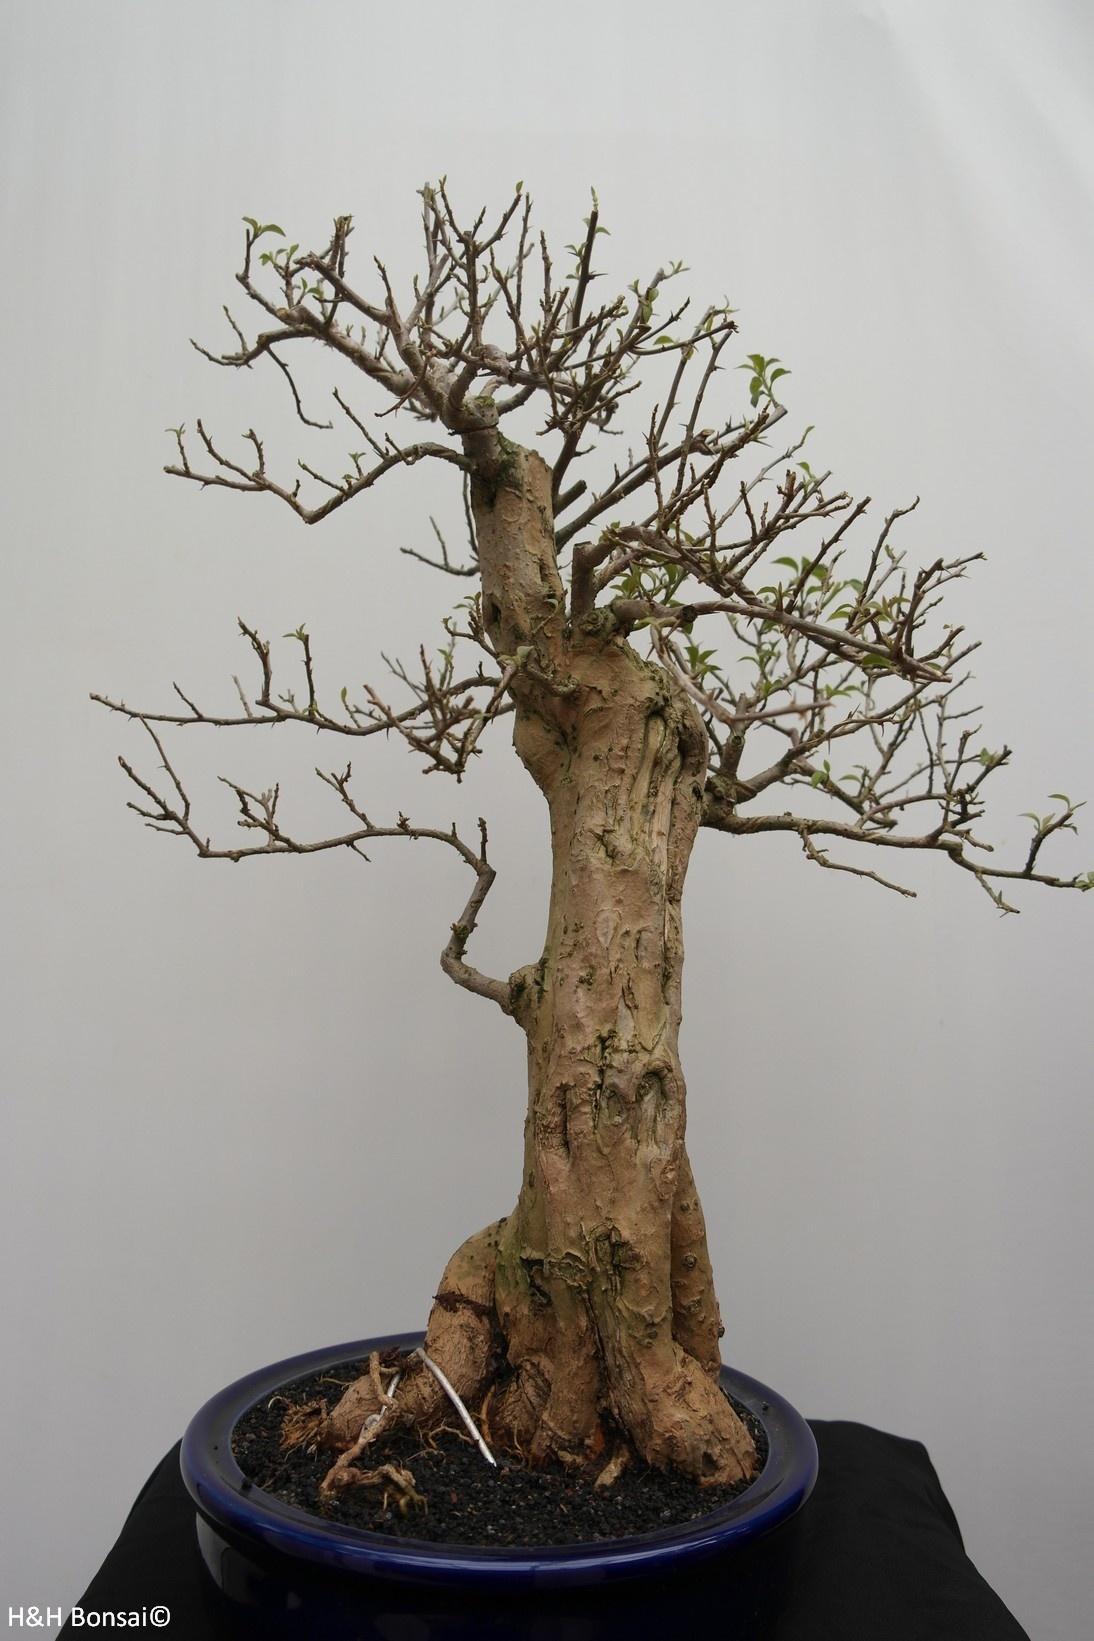 Bonsai Bougainvillier, Bougainvillea glabra, no. 7823